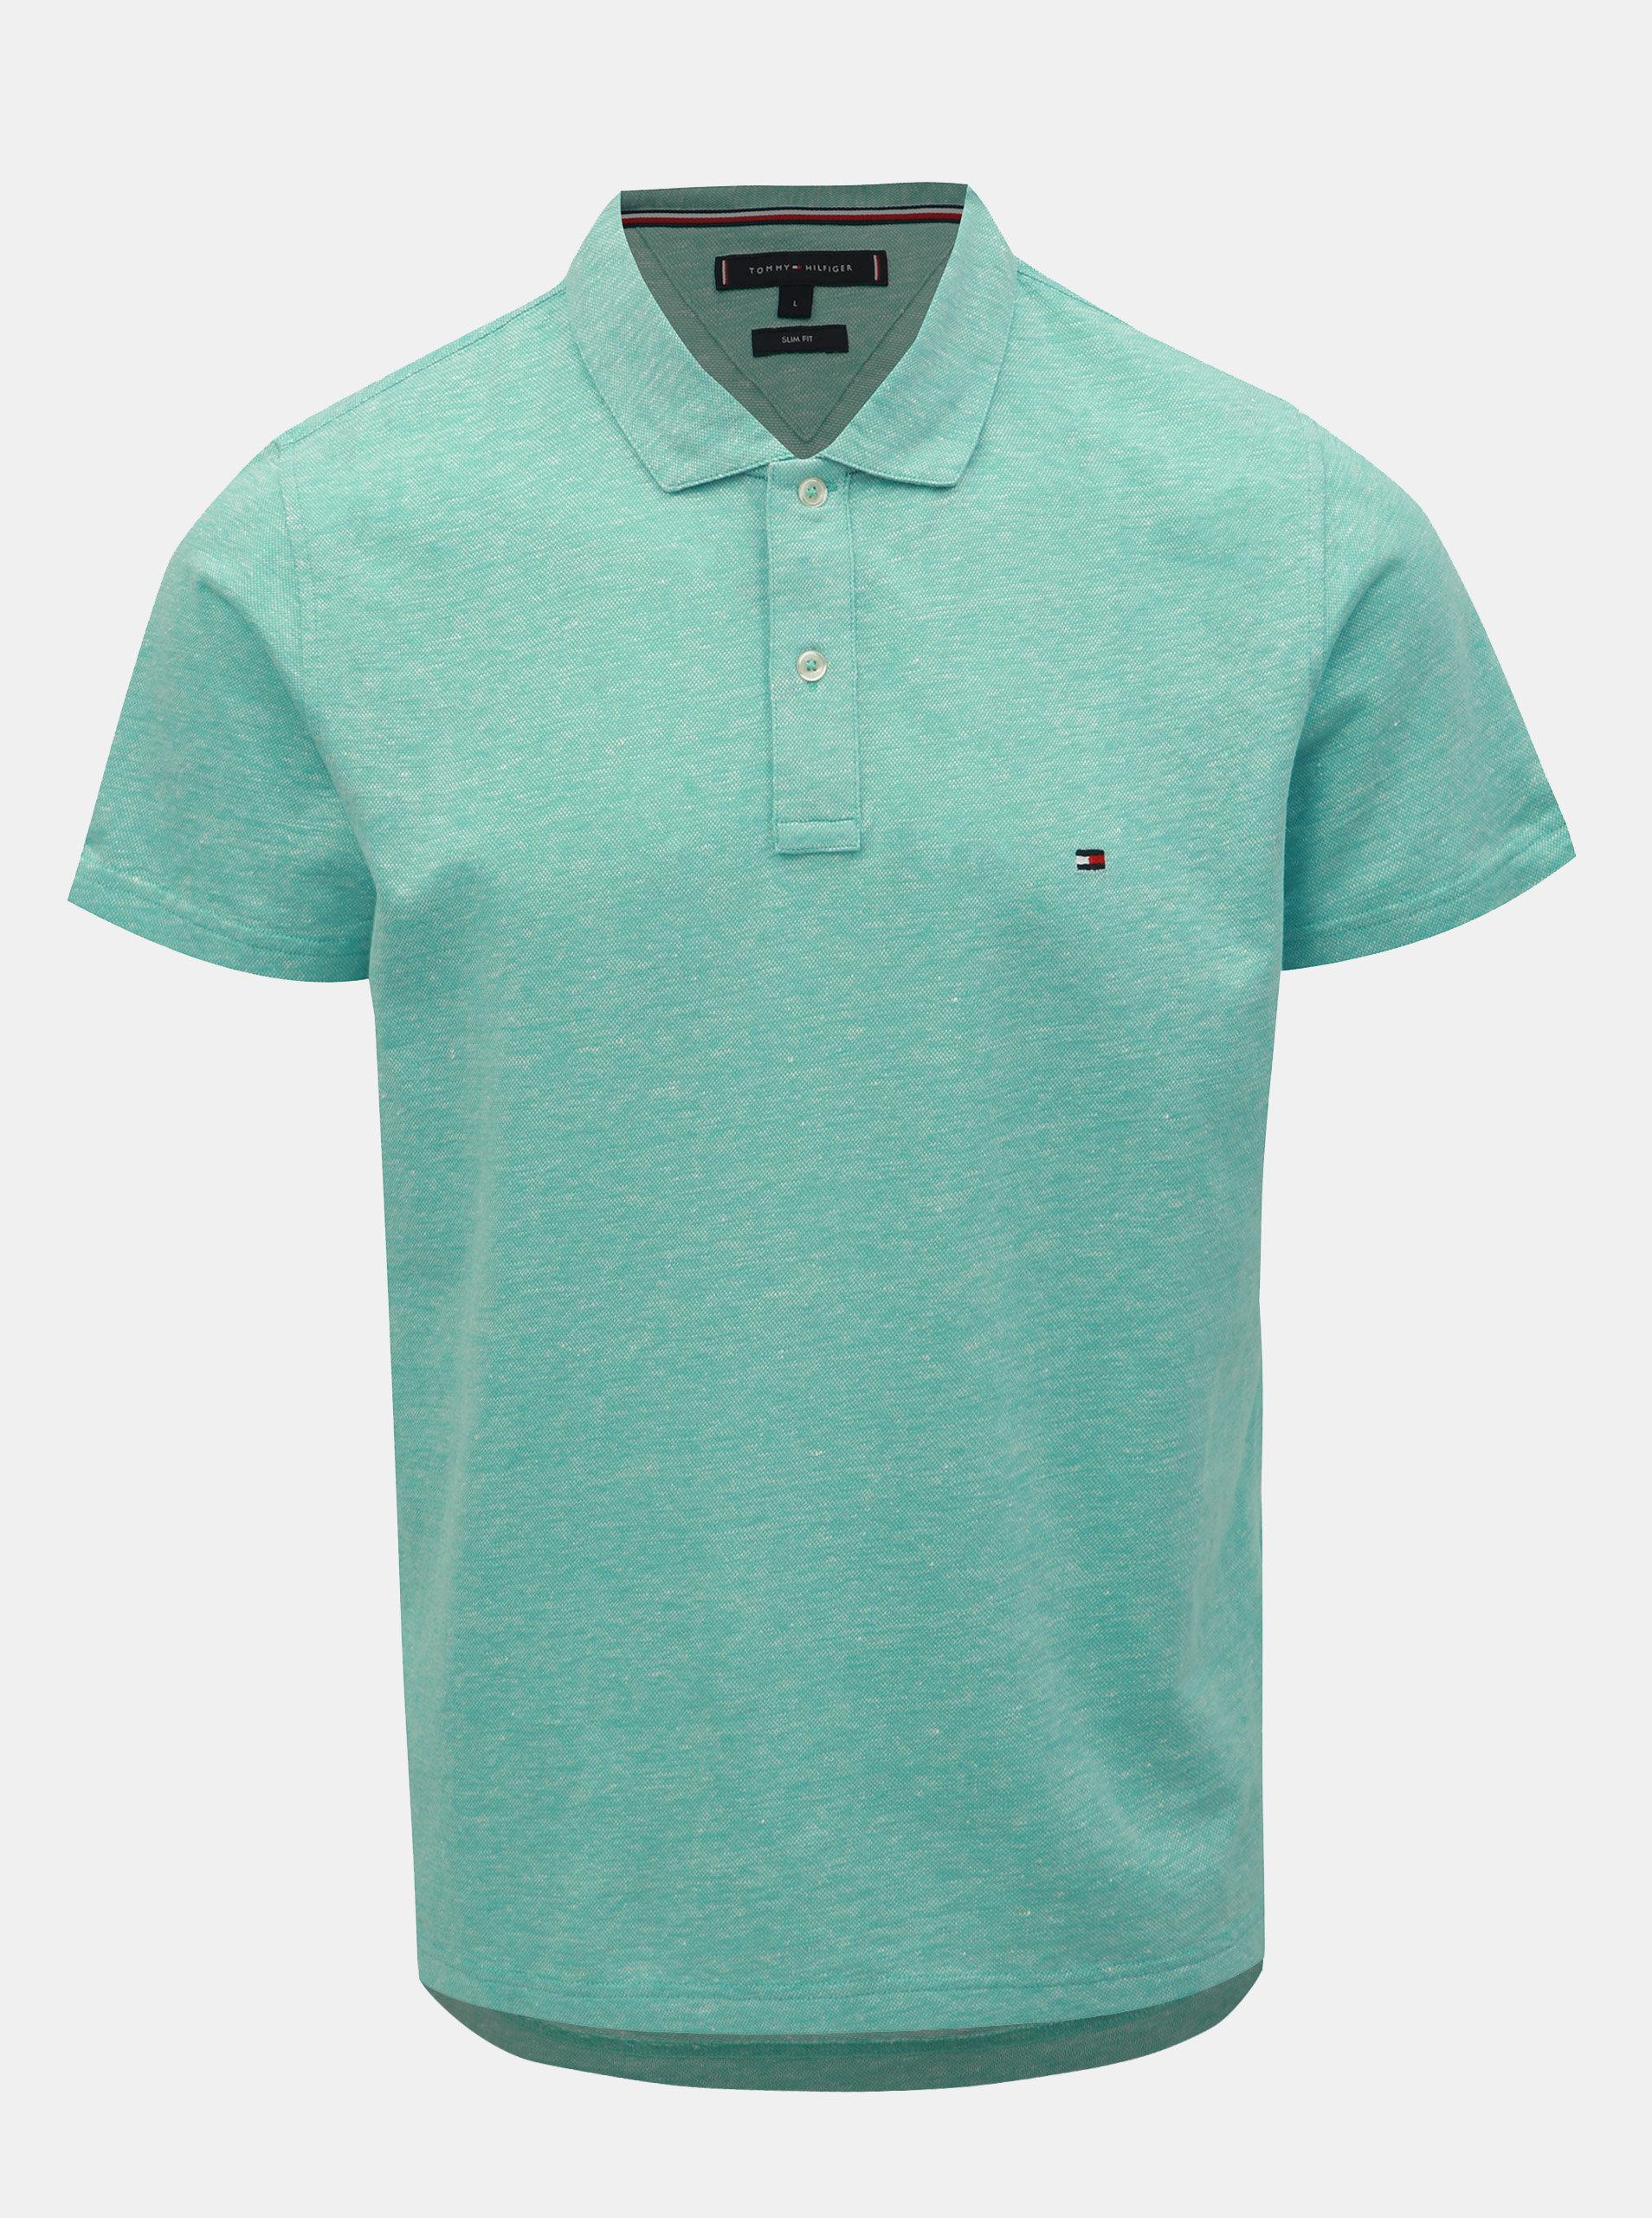 cefed16a6c Světle modré pánské lněné slim fit polo tričko Tommy Hilfiger ...